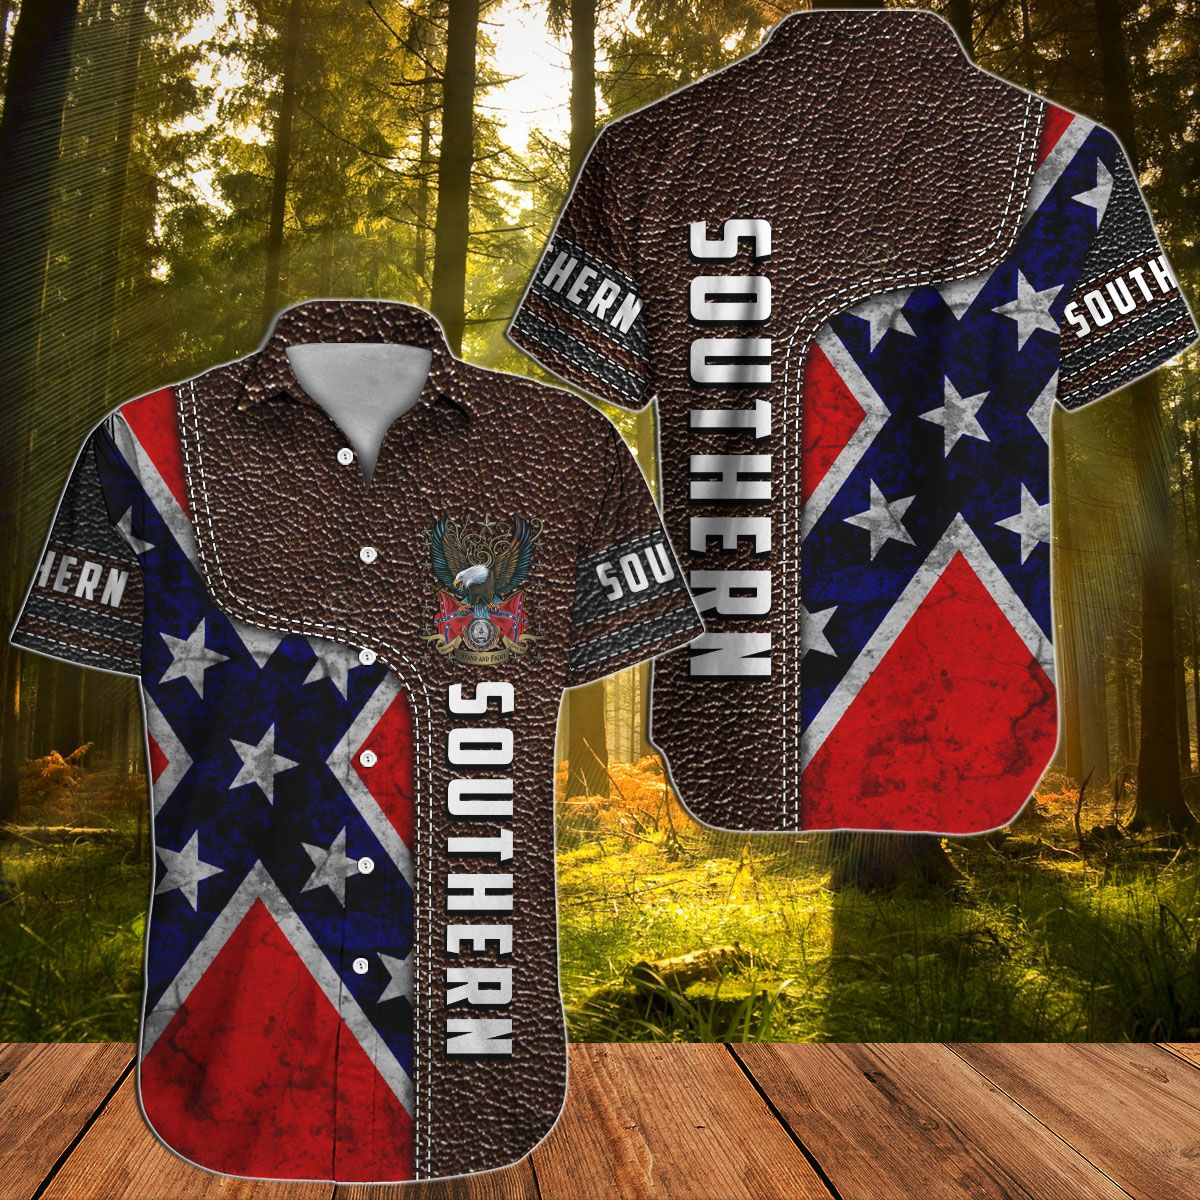 Southern Rebel Confederate 2 Hawaiian shirt